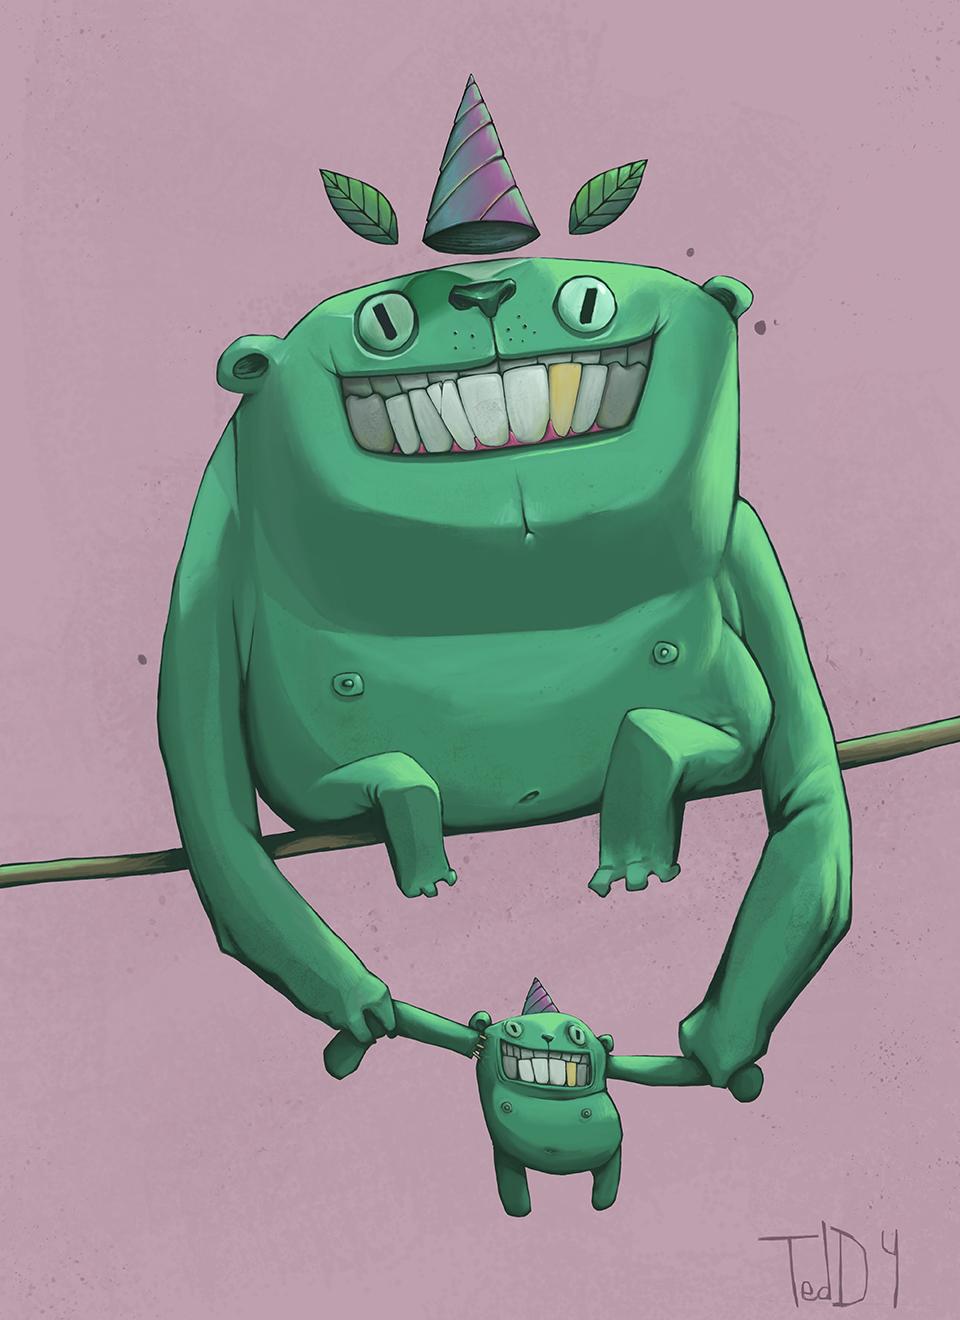 """""""papa green"""" dessins illustration fait en digital painting représentant un singe vert avec sa peluche 2021, dessiné avec procreate sur ipad pro."""